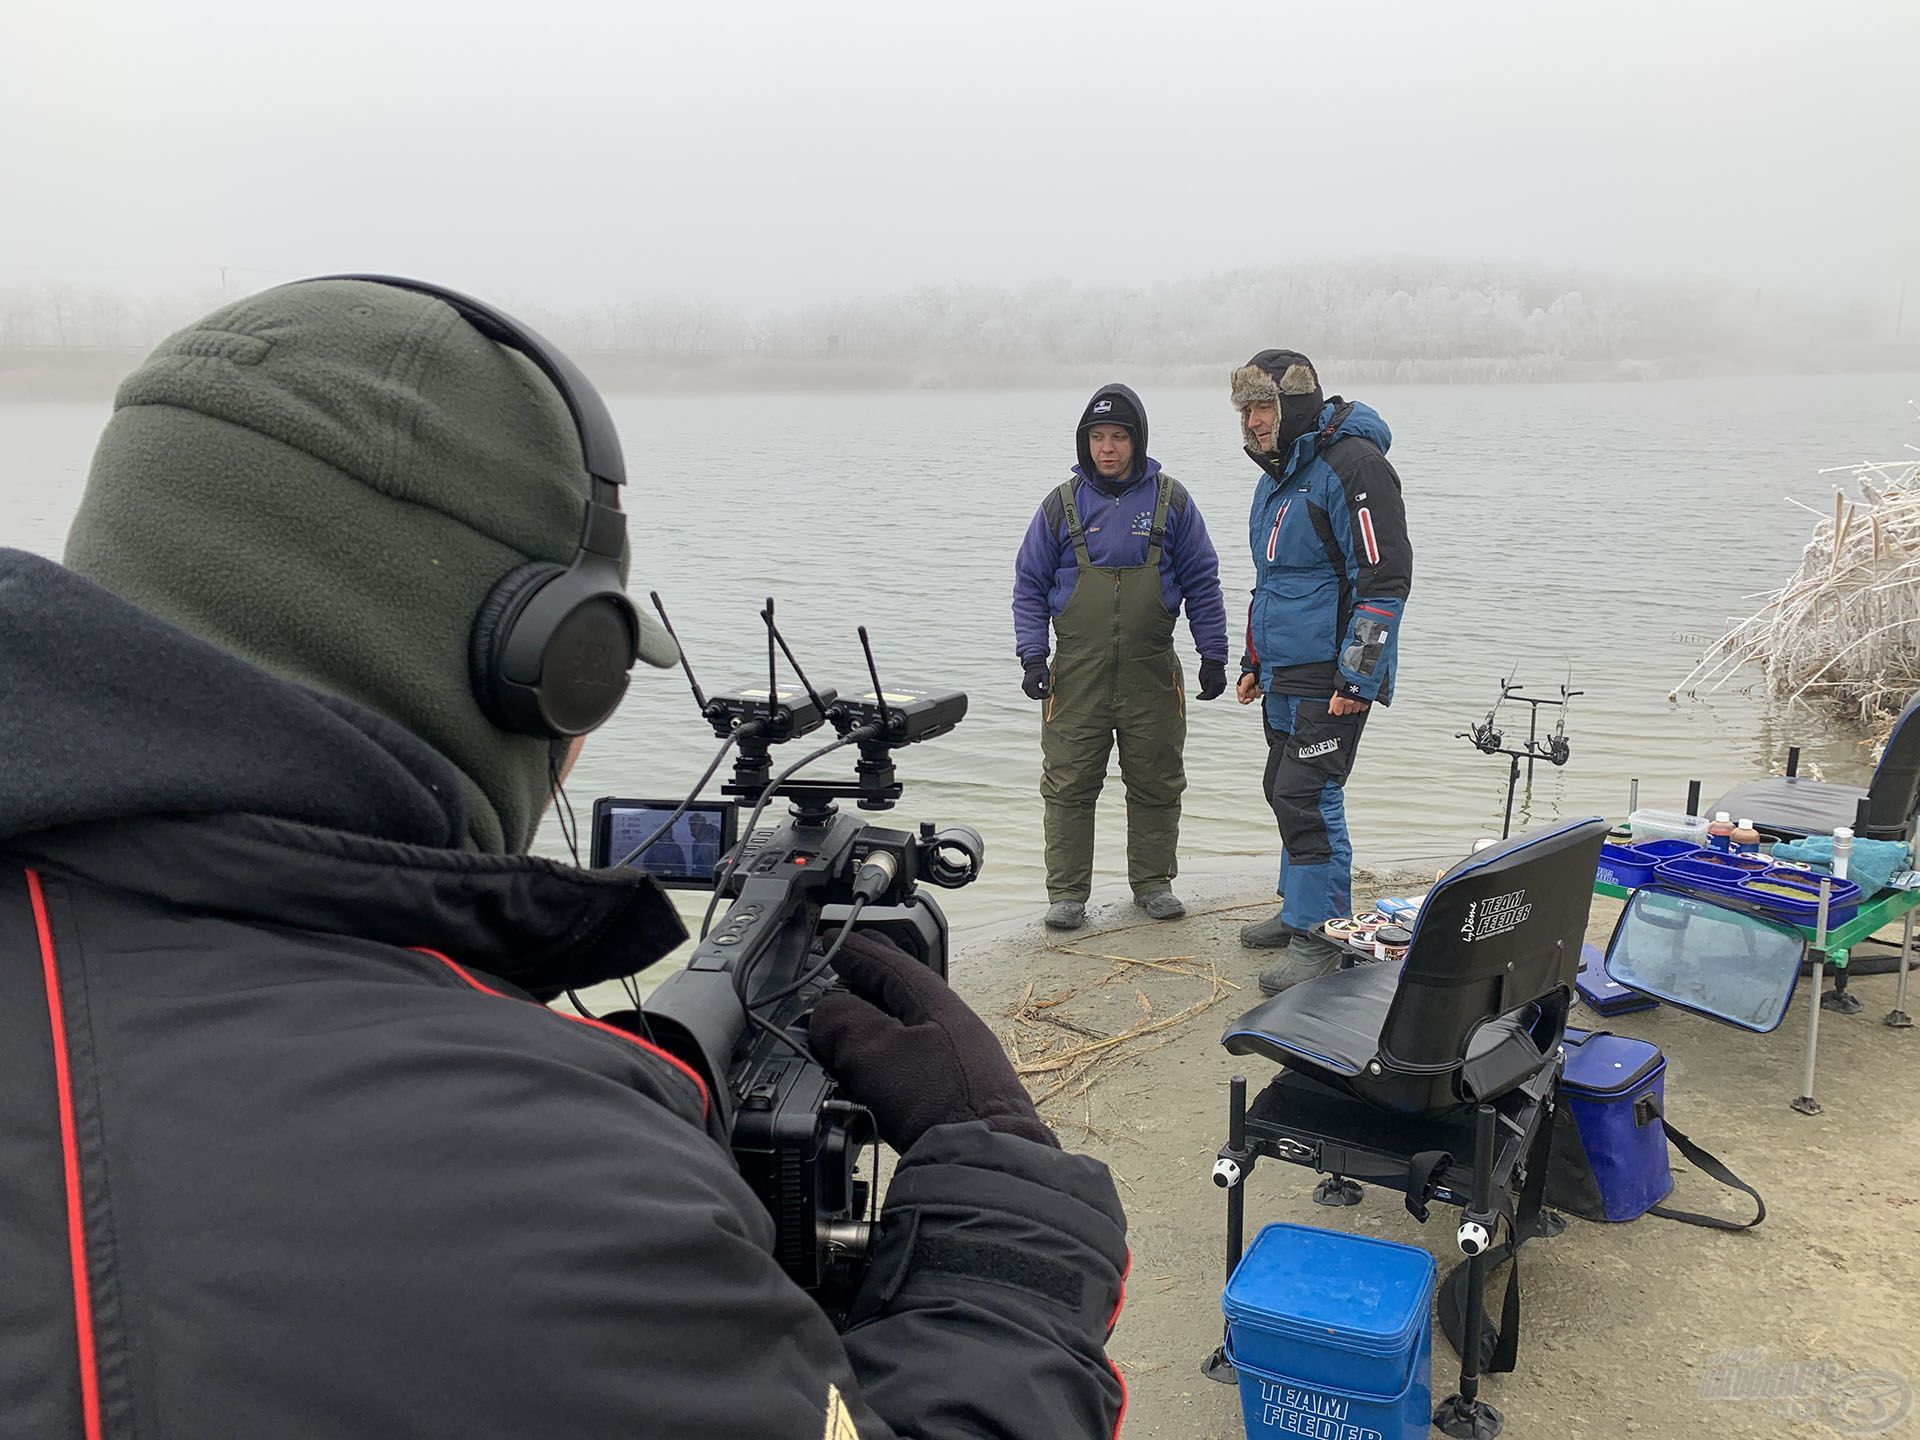 Bugyinszki Gáborral közösen kezdtünk a horgászathoz, amelynek legérdekesebb pillanatait egy tartalmas filmben örökítettük meg